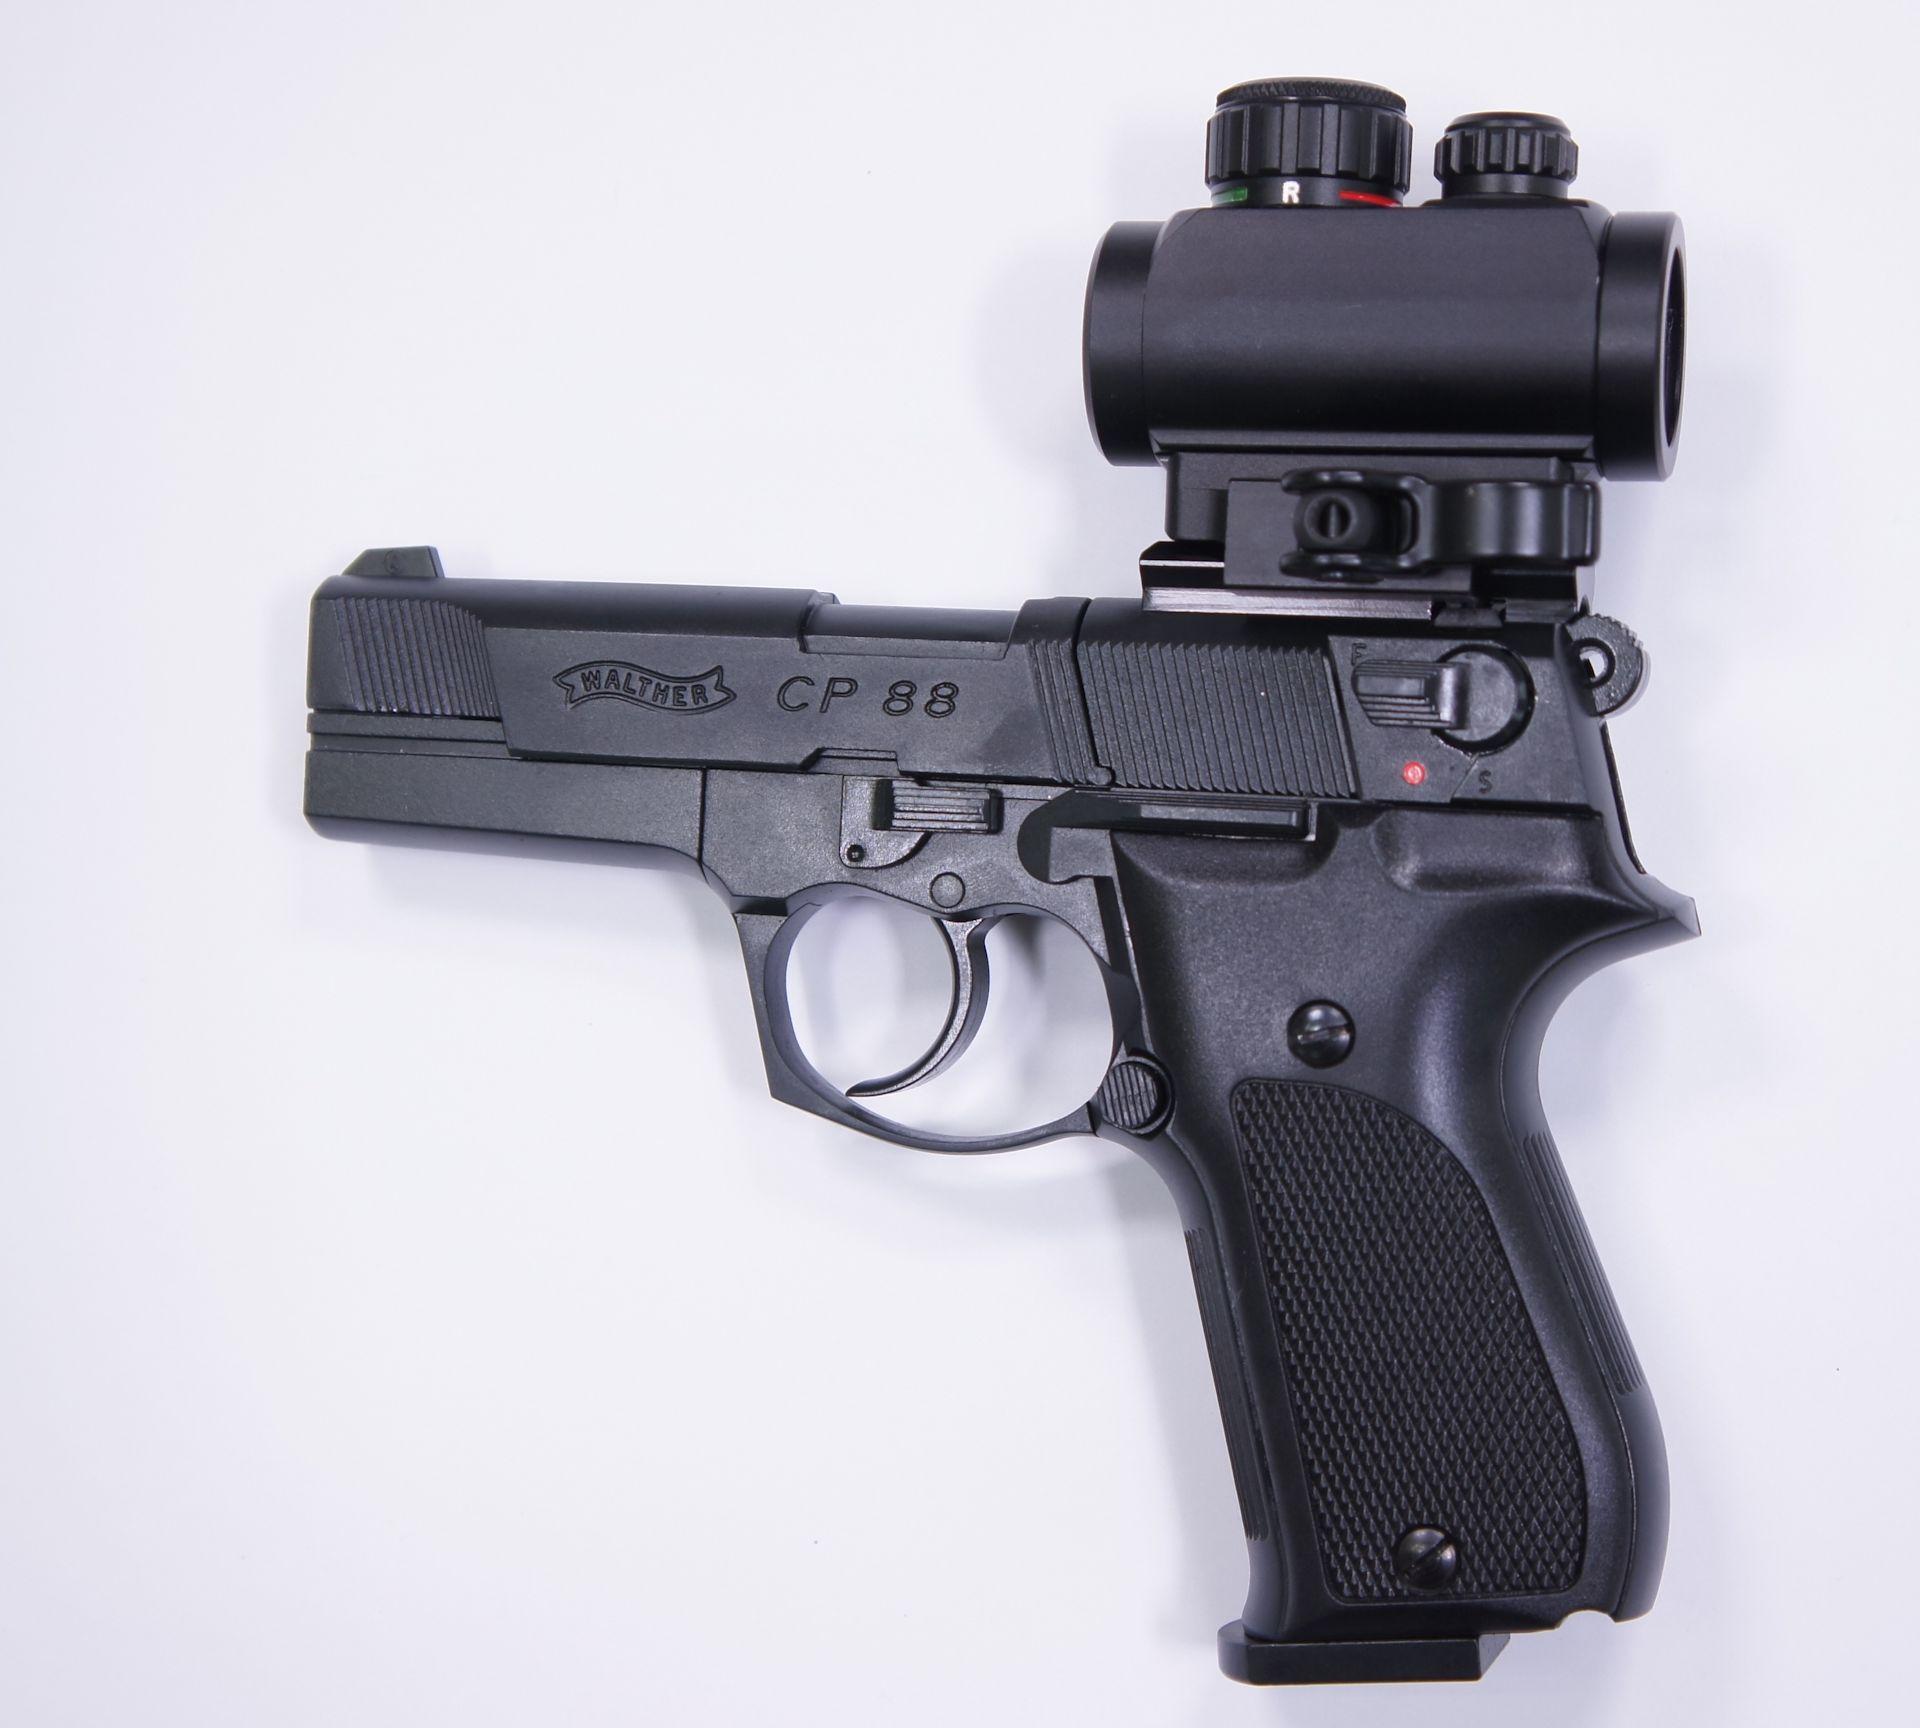 Montagebeispiel von diesem Leuchtpunktvisier auf  <a href=1050061.htm> CO2 Pistole Walther CP88 schwarz, 4 Zoll</a> mittels Waeverschiene aus Eigenproduktion